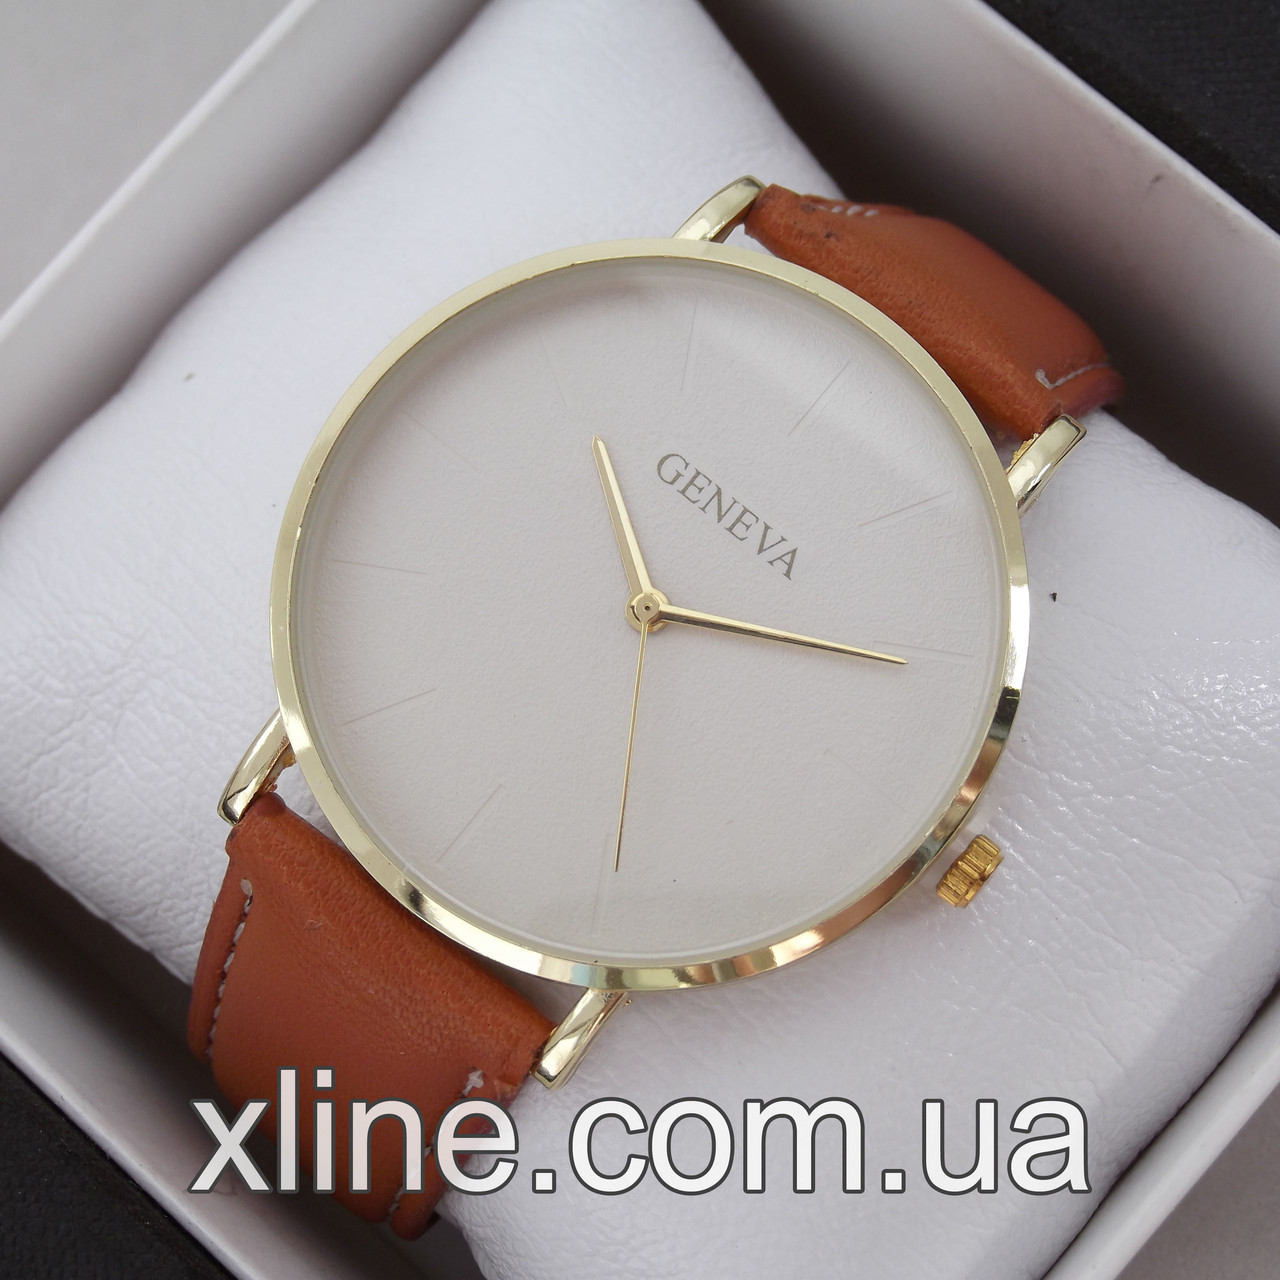 Жіночі наручні годинники Geneva M166 на шкіряному ремінці